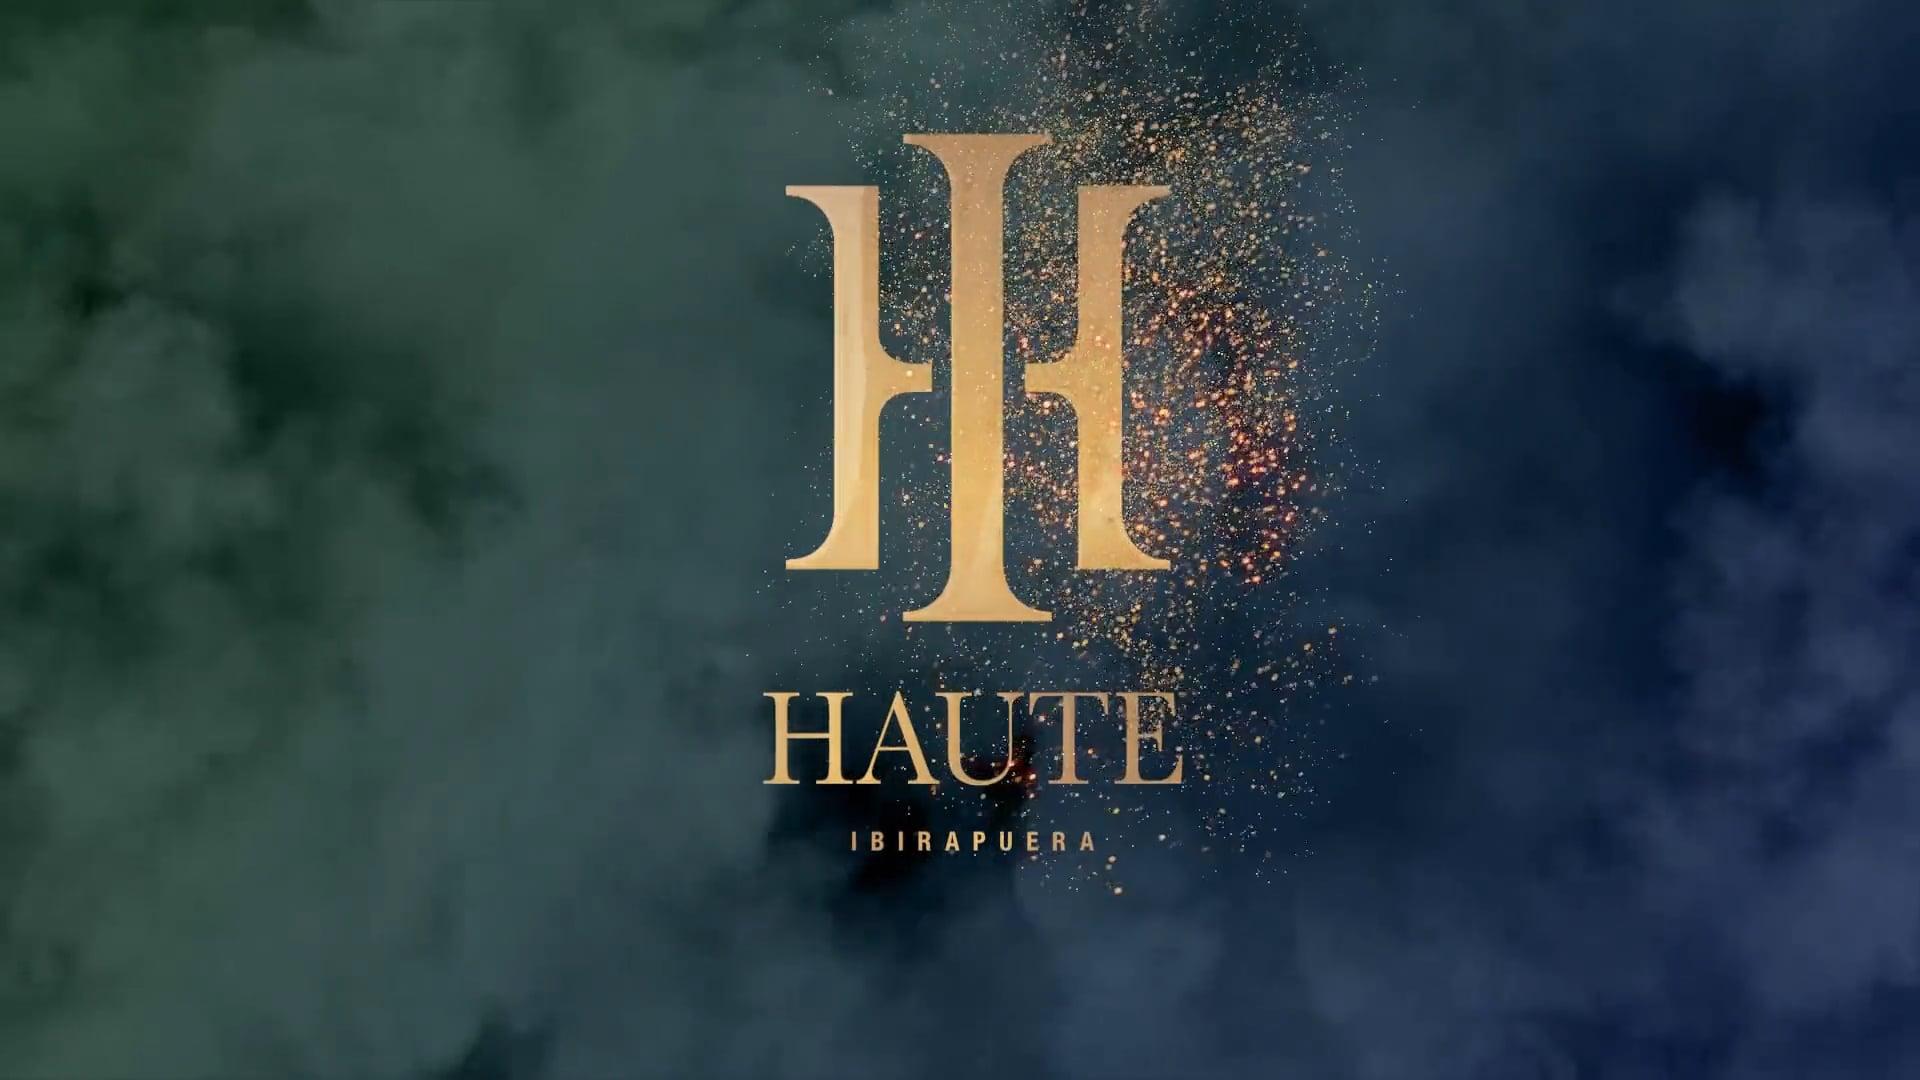 EZTEC - Haute Ibirapuera